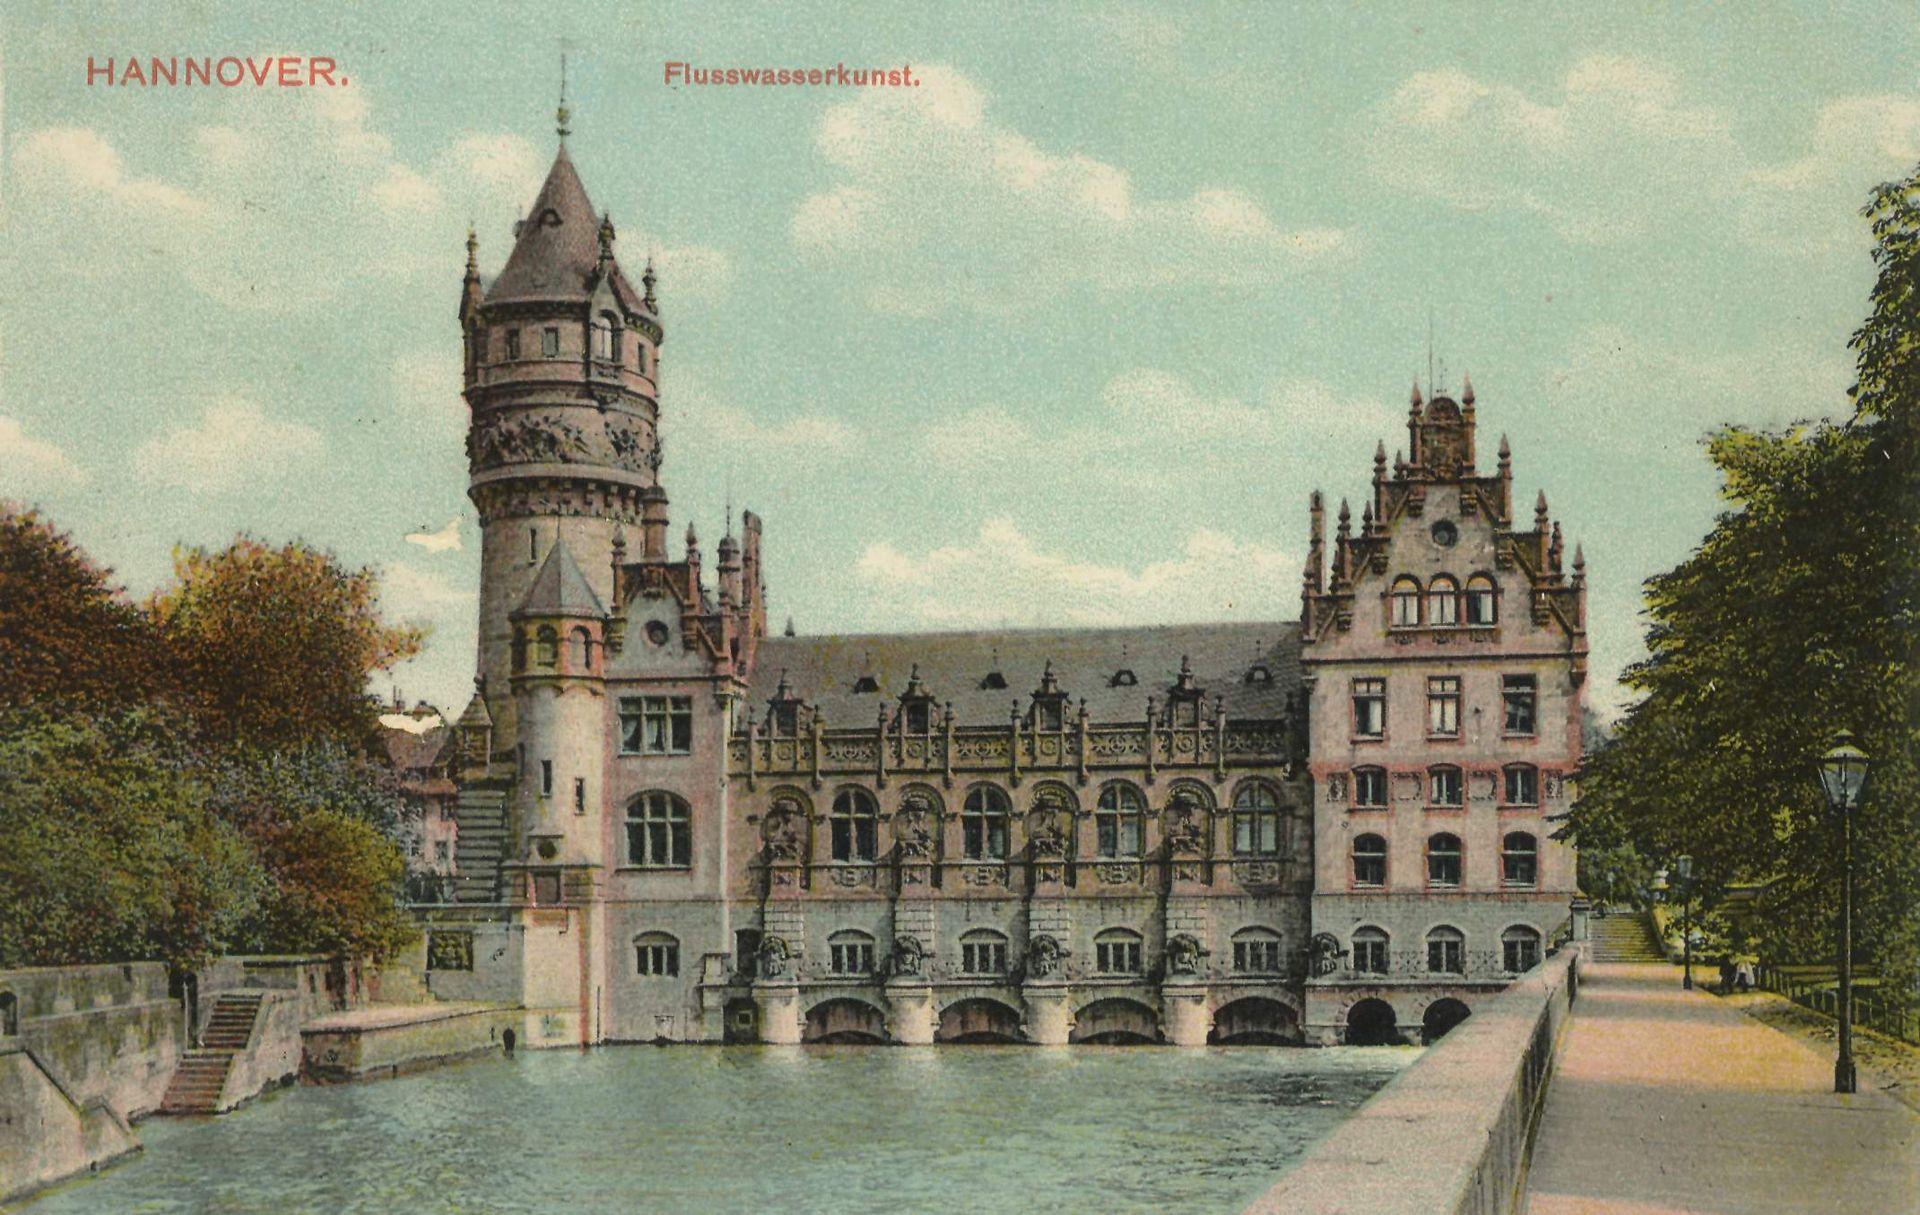 Flusswasserkunst Hannover (Historische Postkarte um 1900)